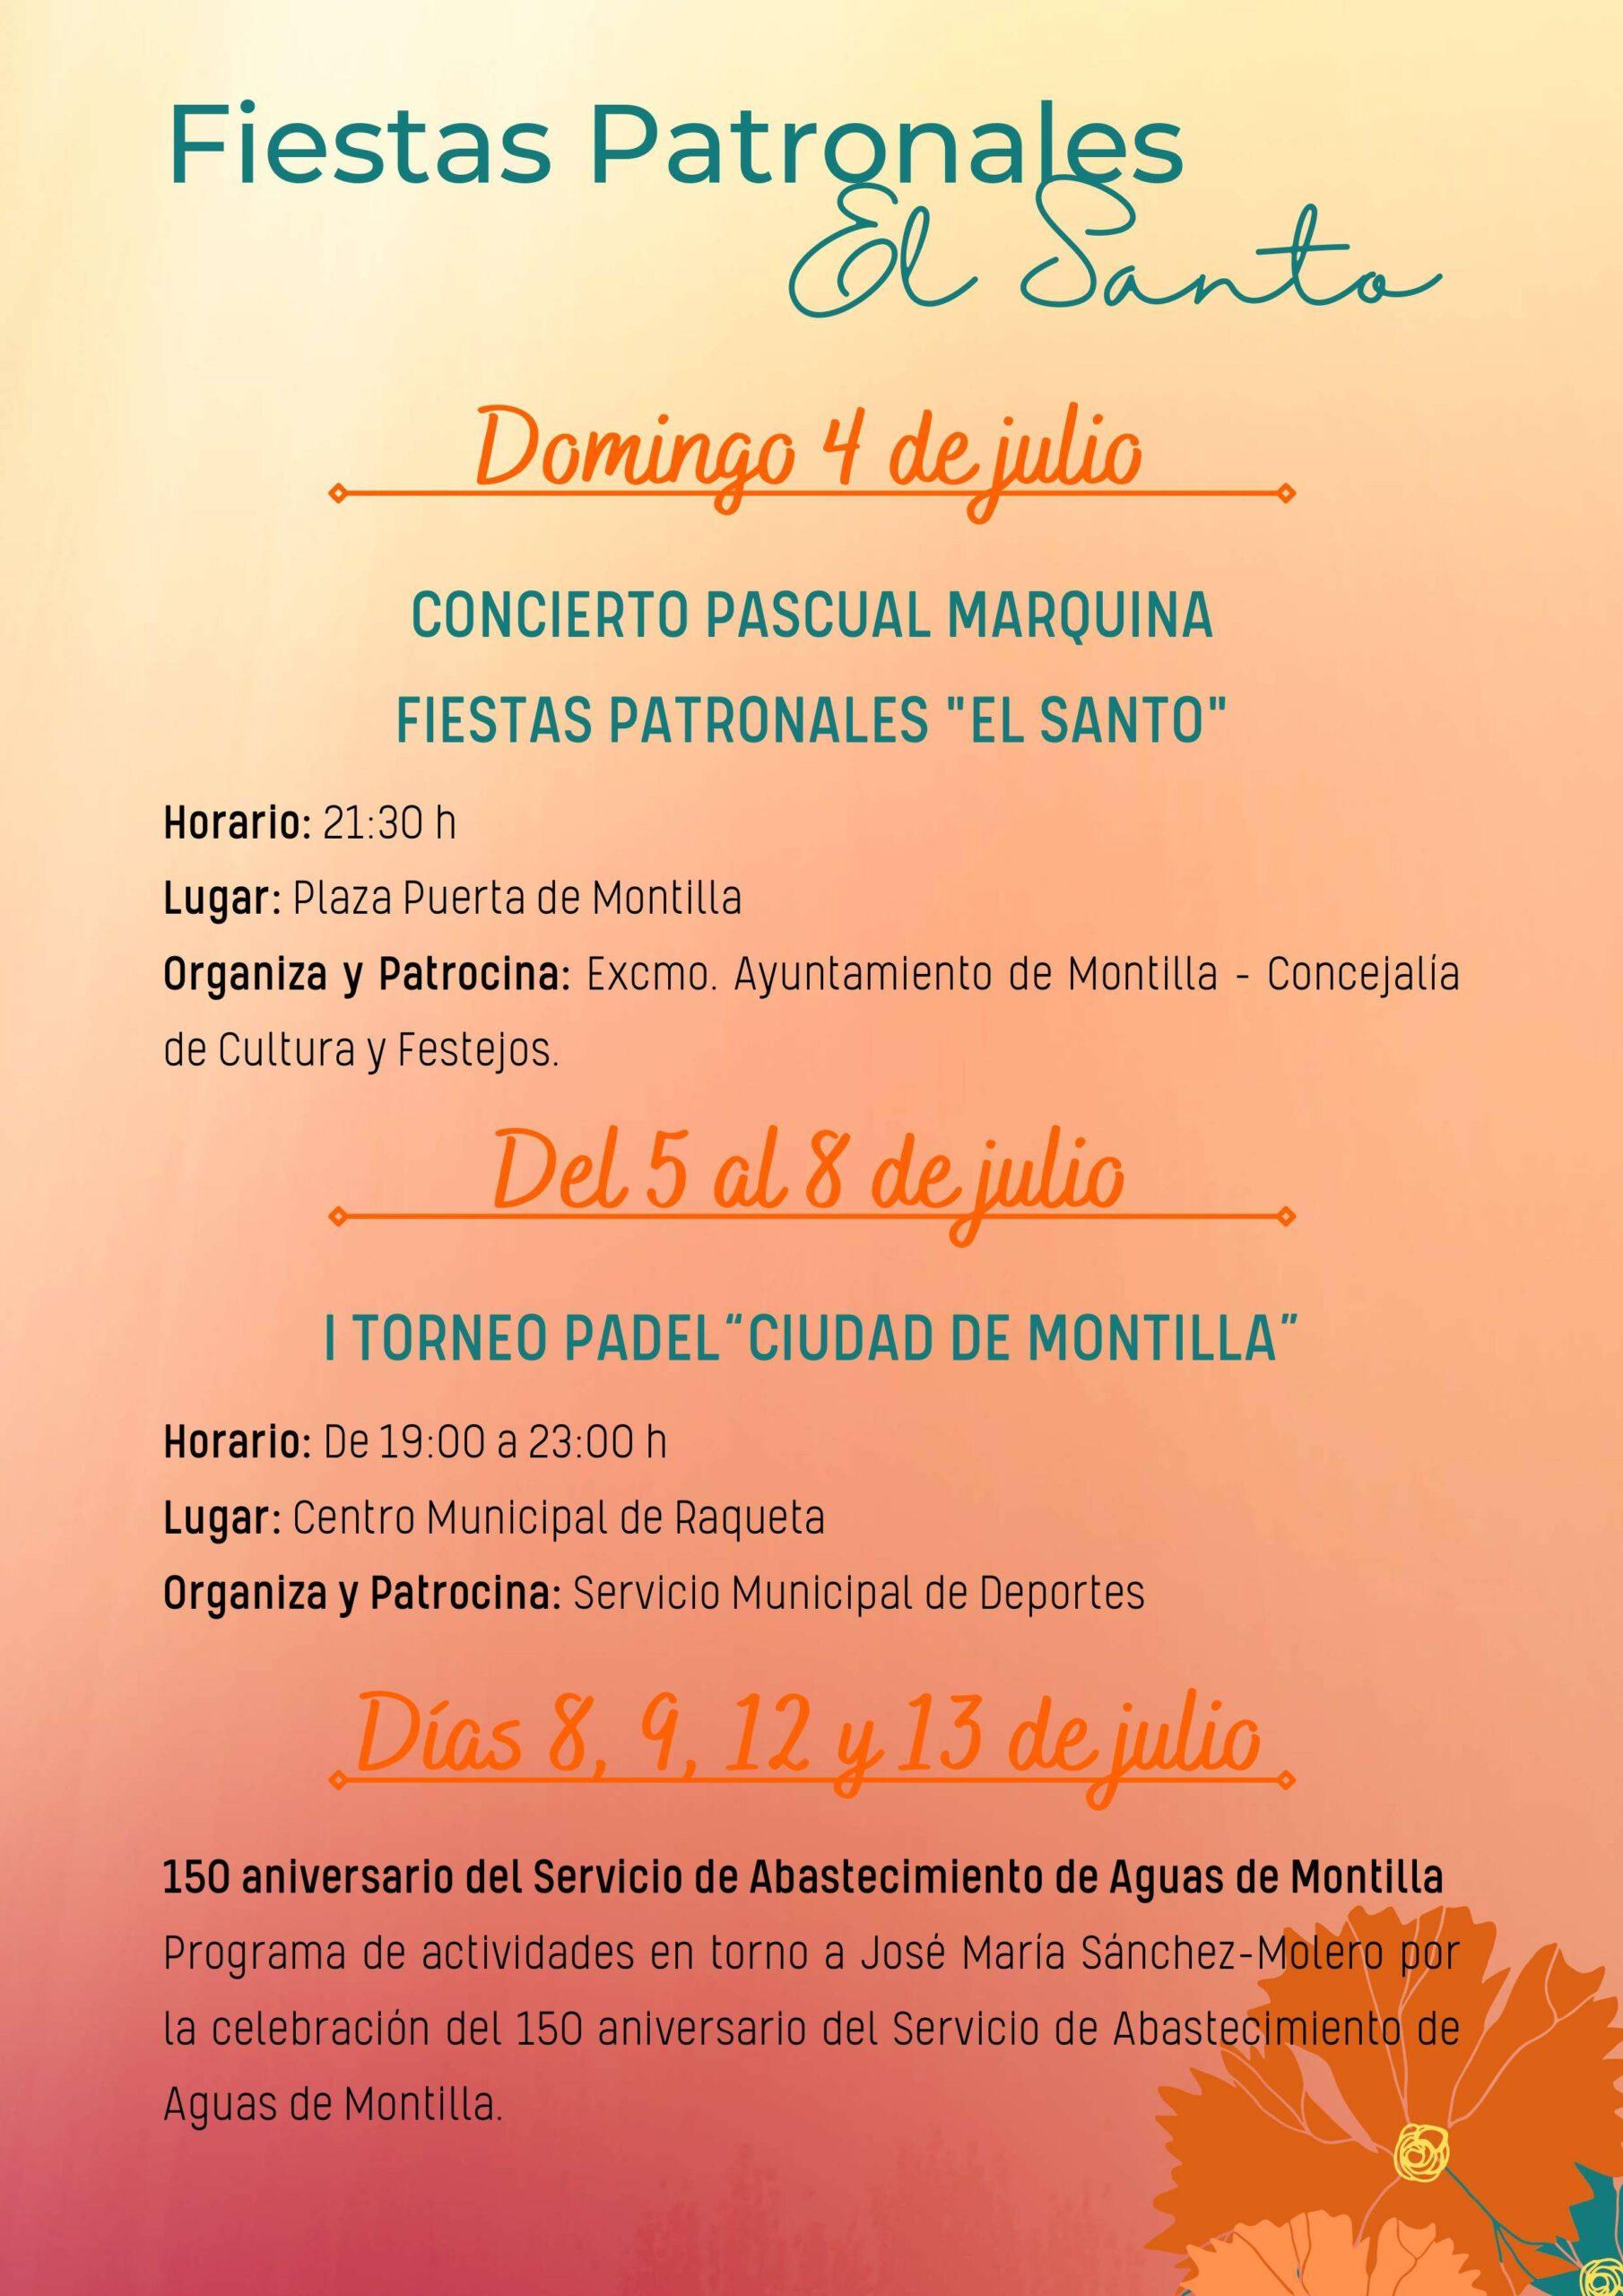 Fiestas patronales de El Santo (2021) - Montilla (Córdoba) 4